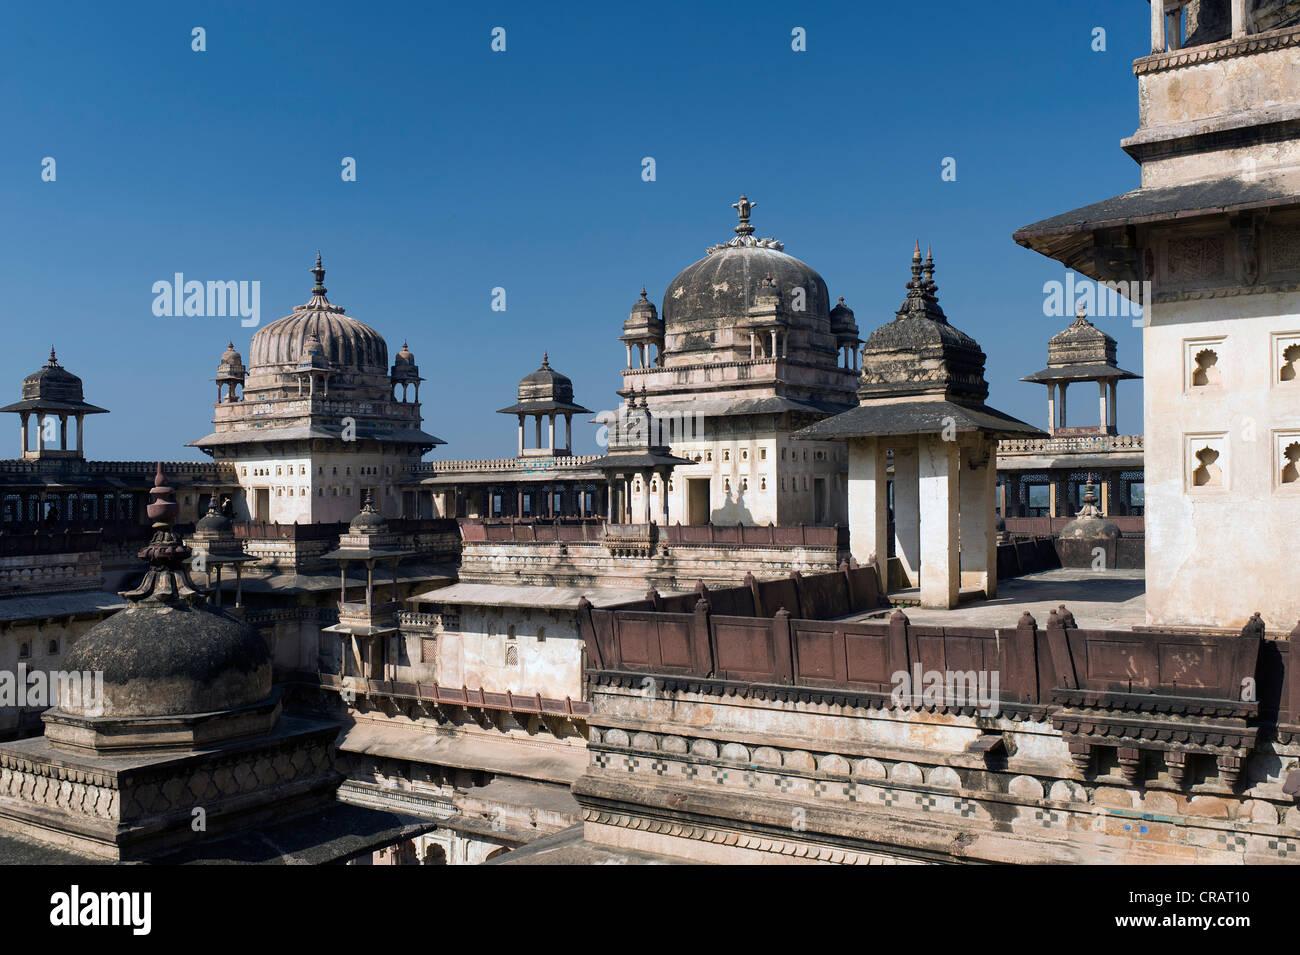 Raj Mahal Palace, Orchha, Madhya Pradesh, North India, India, Asia - Stock Image